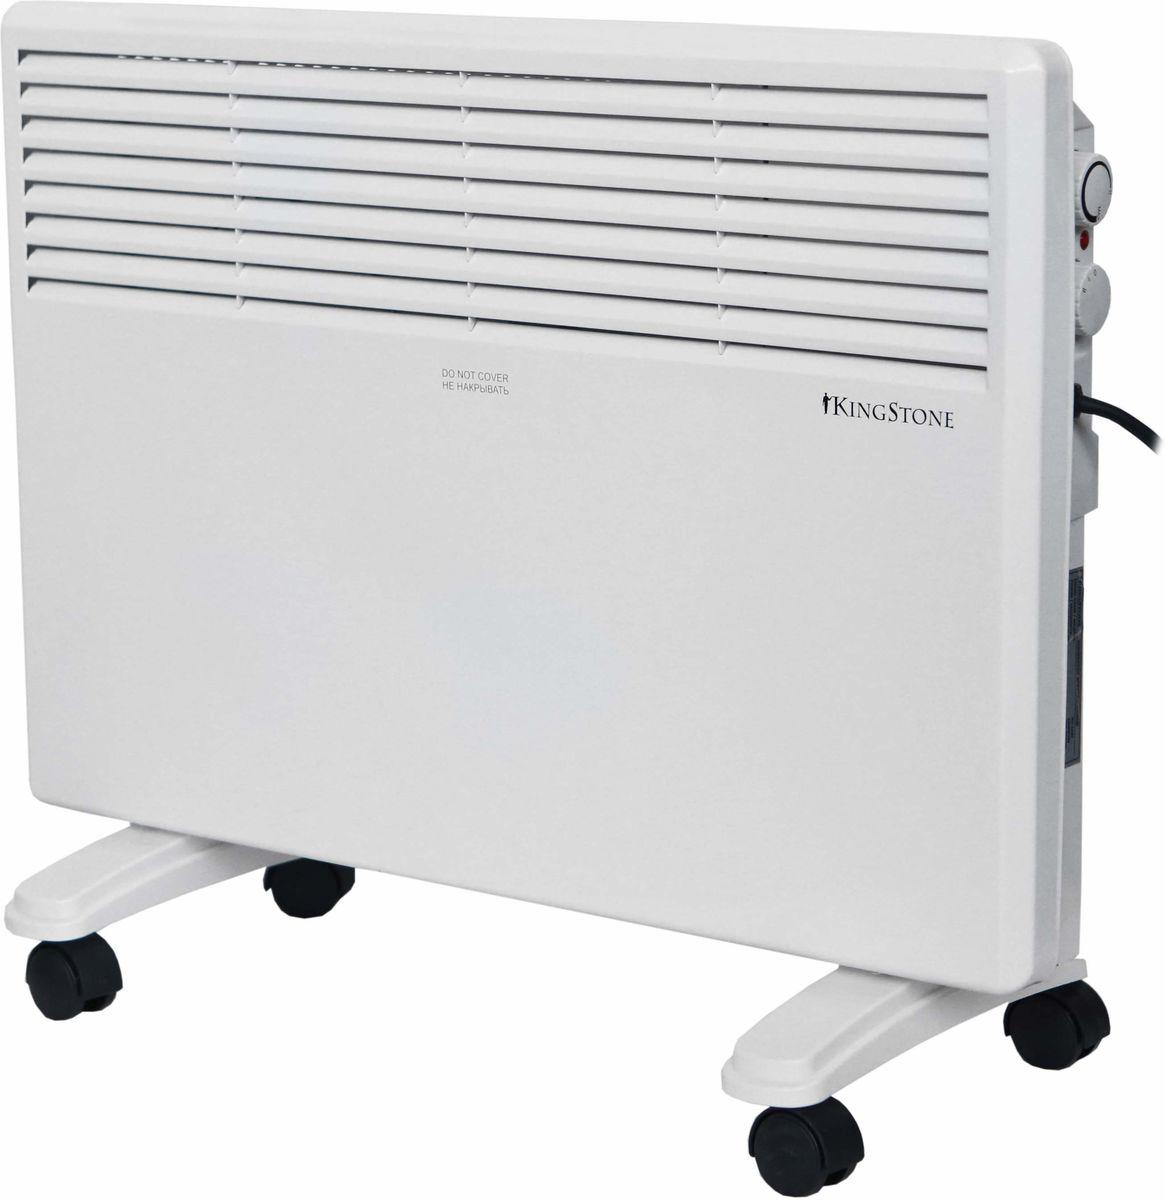 КingStone KH-1500 конвектор электрическийКingStone KH-1500Электрический конвектор КingStone KH-1500 - это современный, надежный, мобильный и экономичный обогреватель. Работа конвектора КingStone KH-1500 основана на принципе естественной конвекции: холодный воздух поступает внутрь обогревателя через отверстие в нижней части и, проходя через нагревательный элемент, уже нагретый воздух выходит через жалюзи, расположенные на передней панели обогревателя.Современный внешний вид позволяет гармонично вписать конвектор в любой интерьер.br>С влагостойким исполнением корпуса прибора IPX4 прибор можно использовать в помещениях с повышенной влажностью и обилием брызгУдобная в эксплуатации, интуитивно понятная панель управления облегчает использование прибора